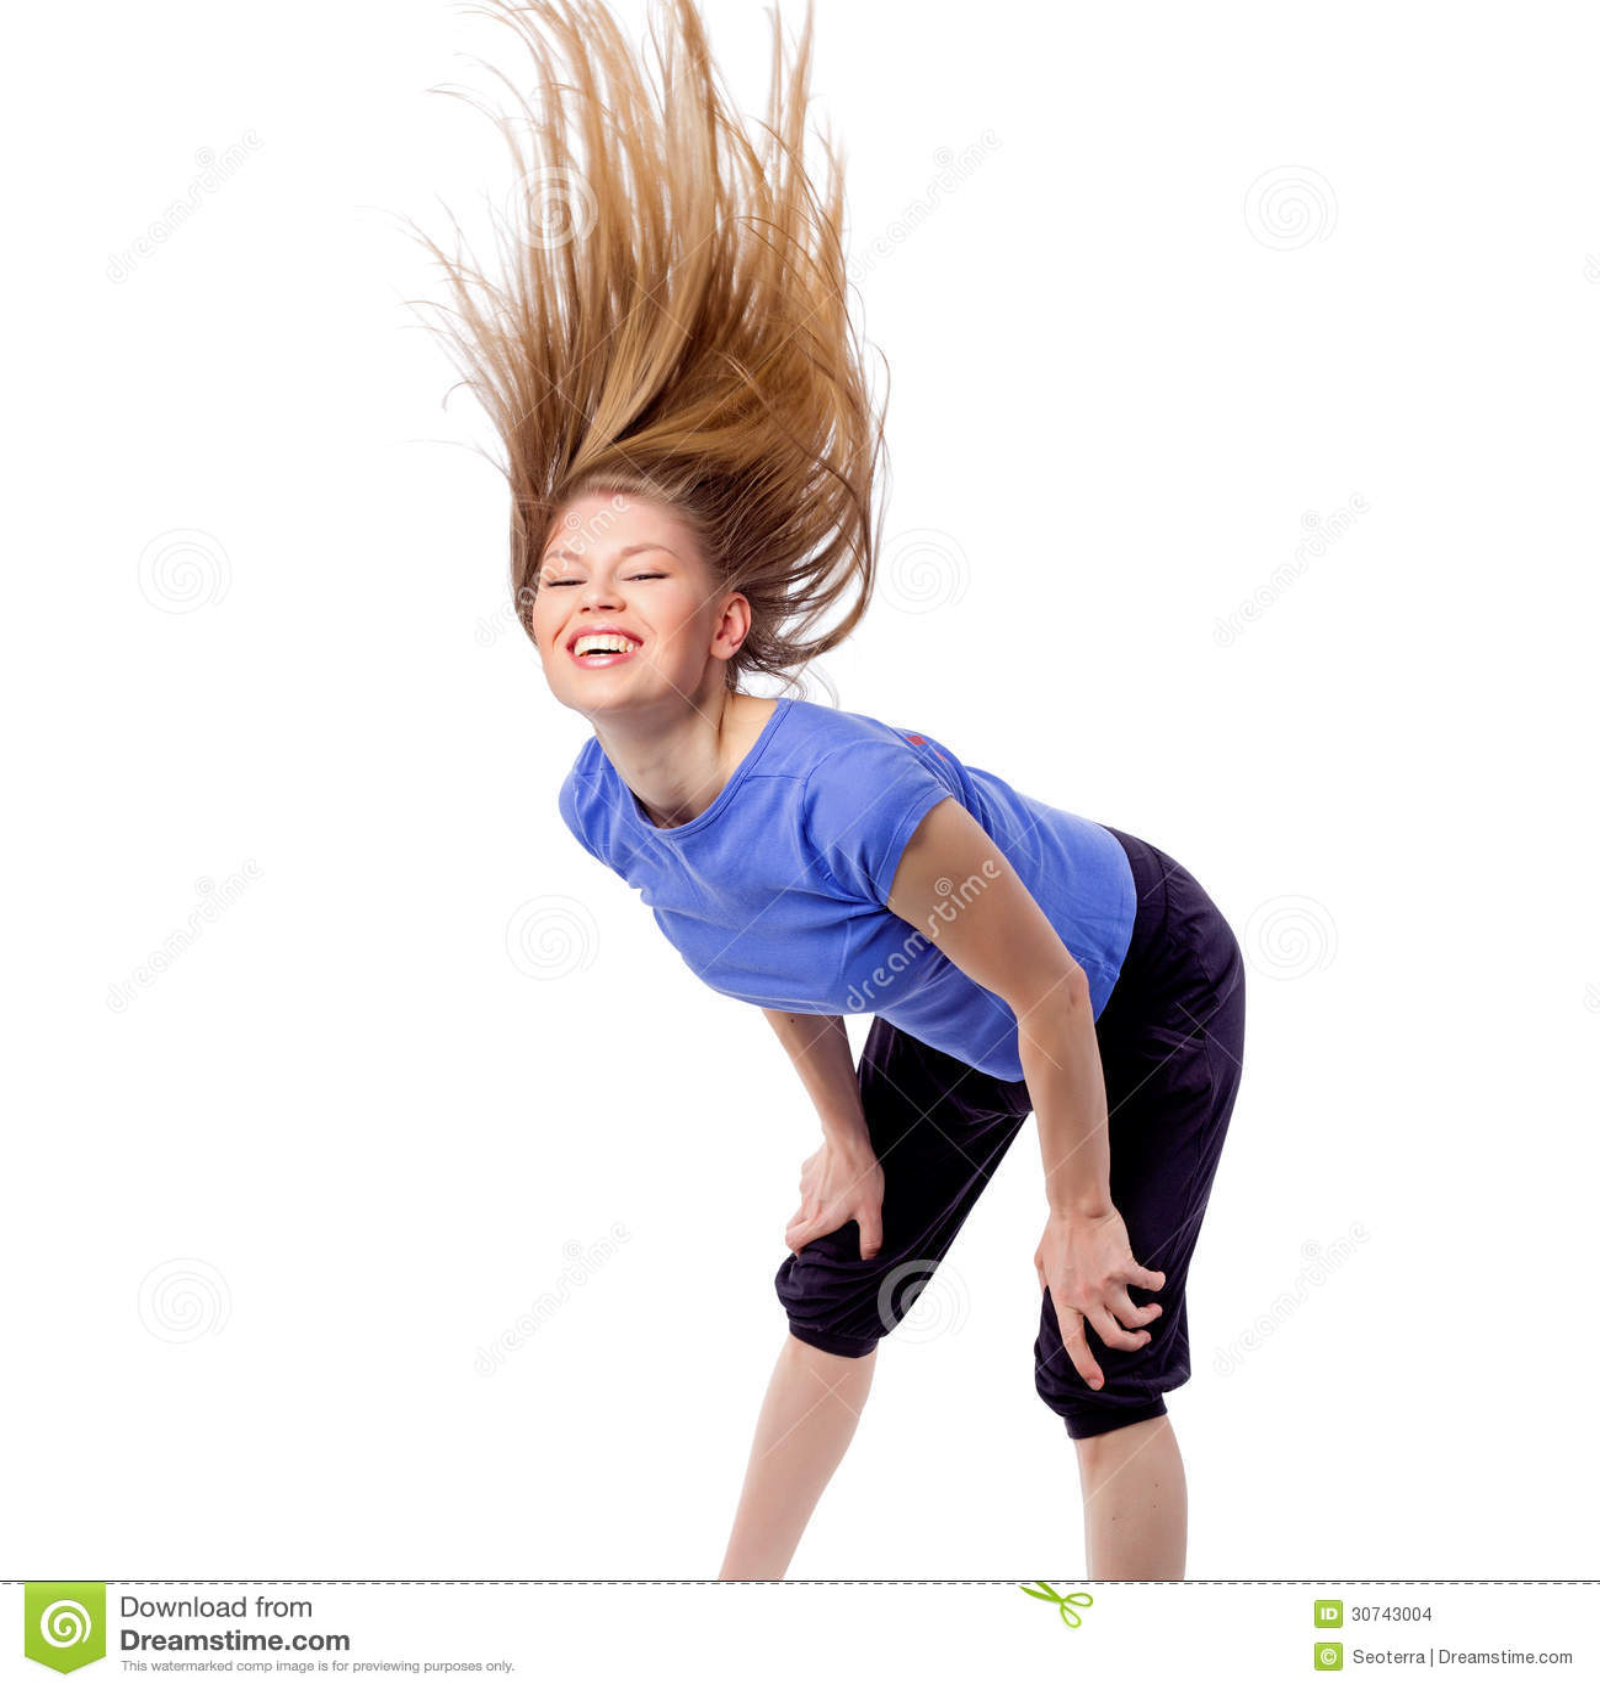 Dance Class Clipart